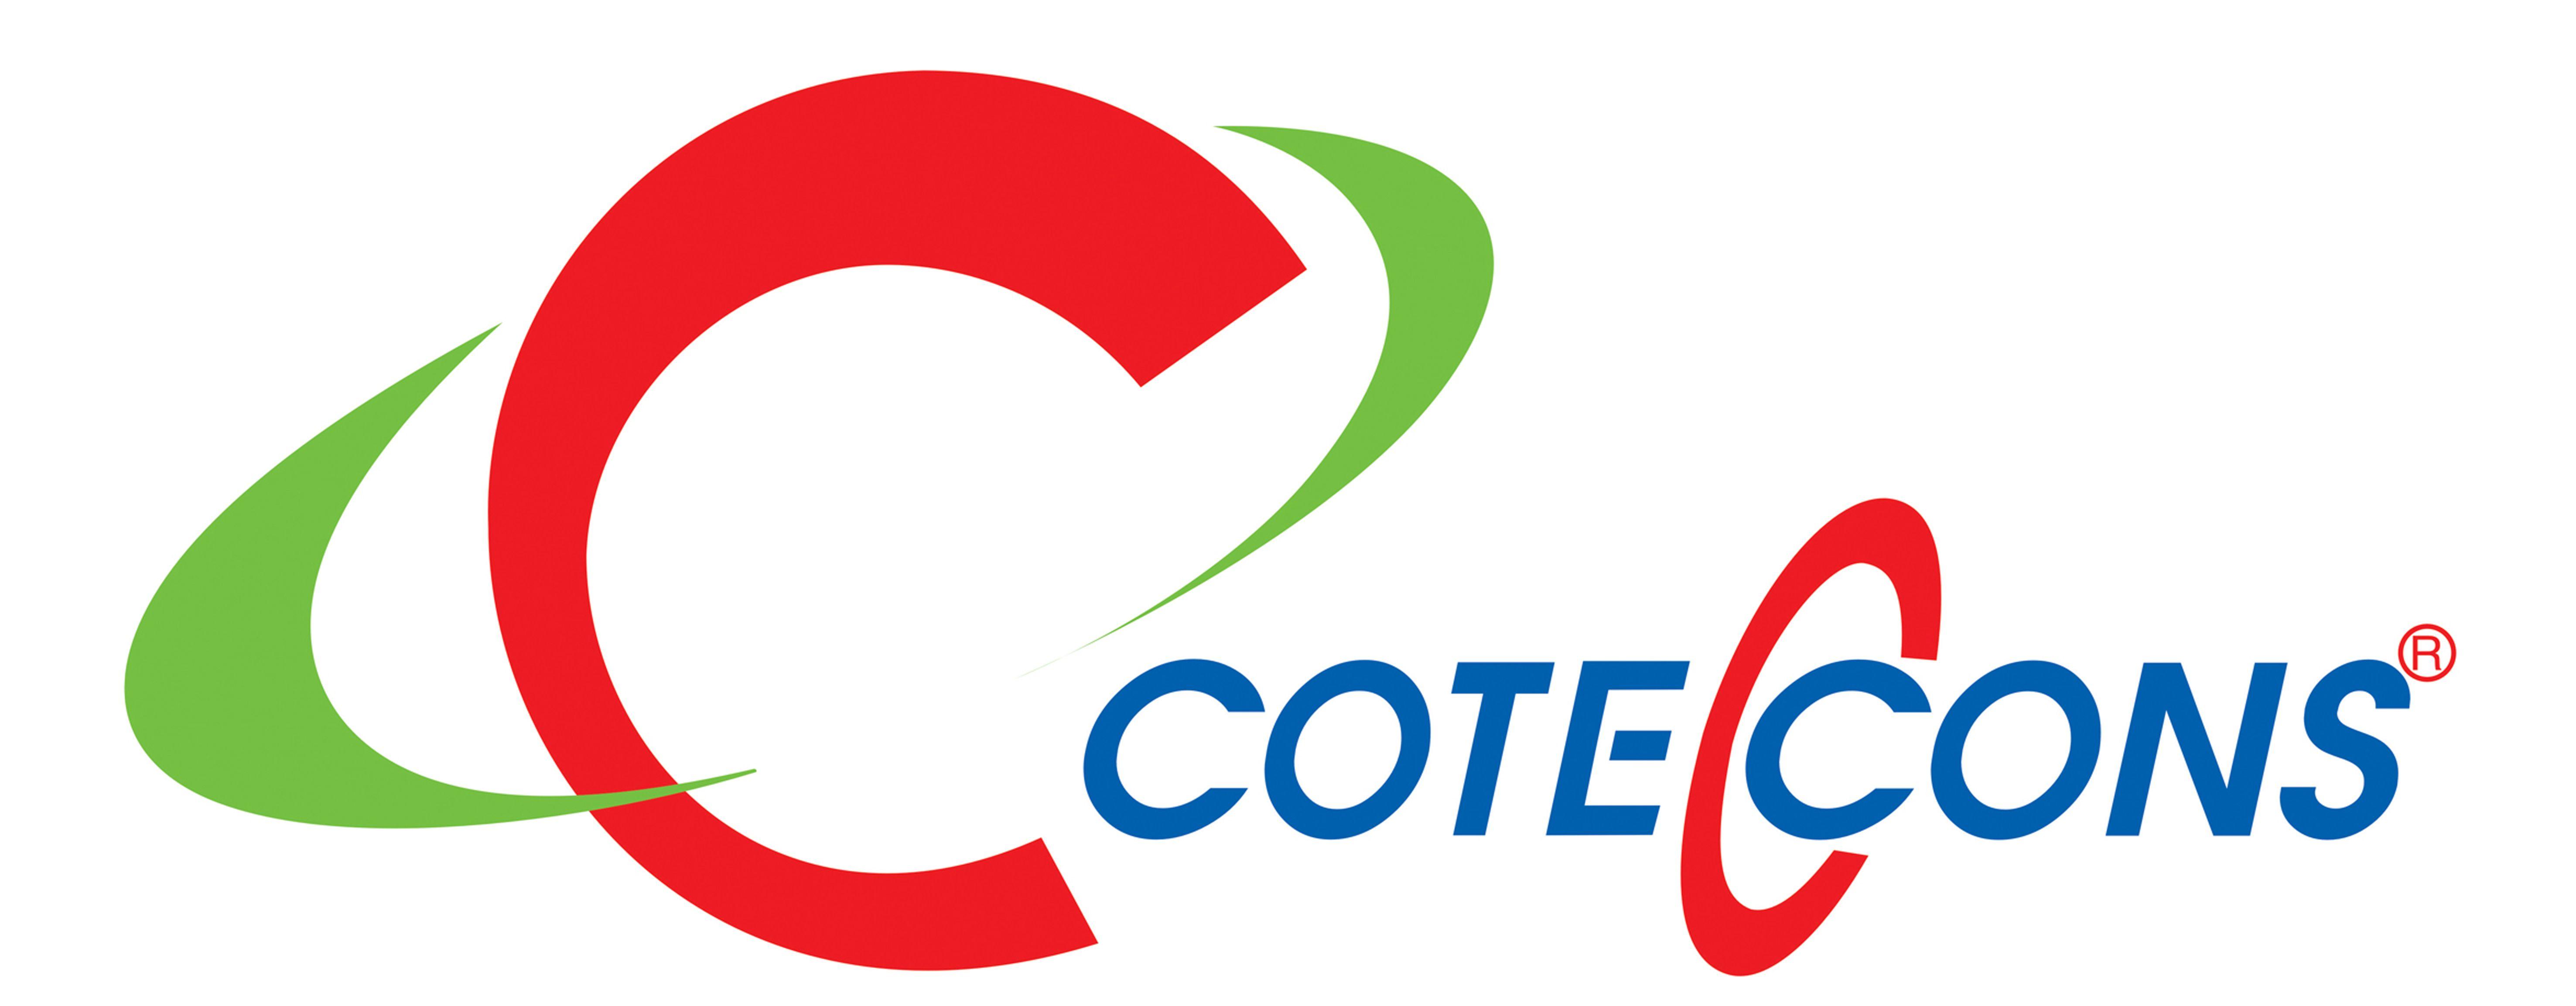 Coteccons-logo_compressed